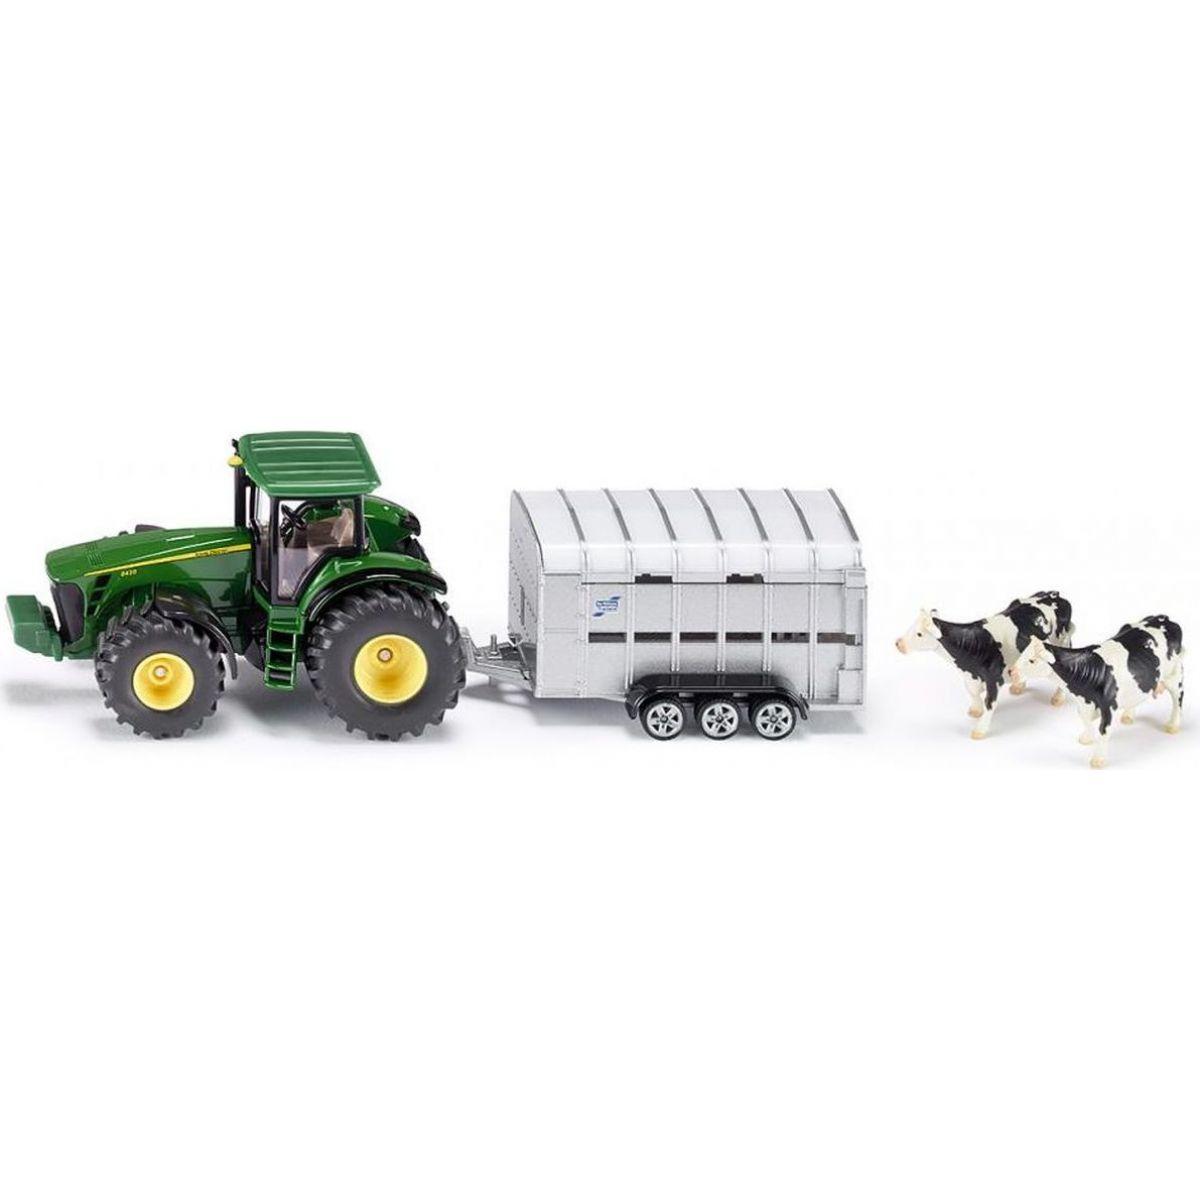 SIKU John Deere Super Traktor s přívěsem pro přepravu dobytka vč 2 krav 1:50